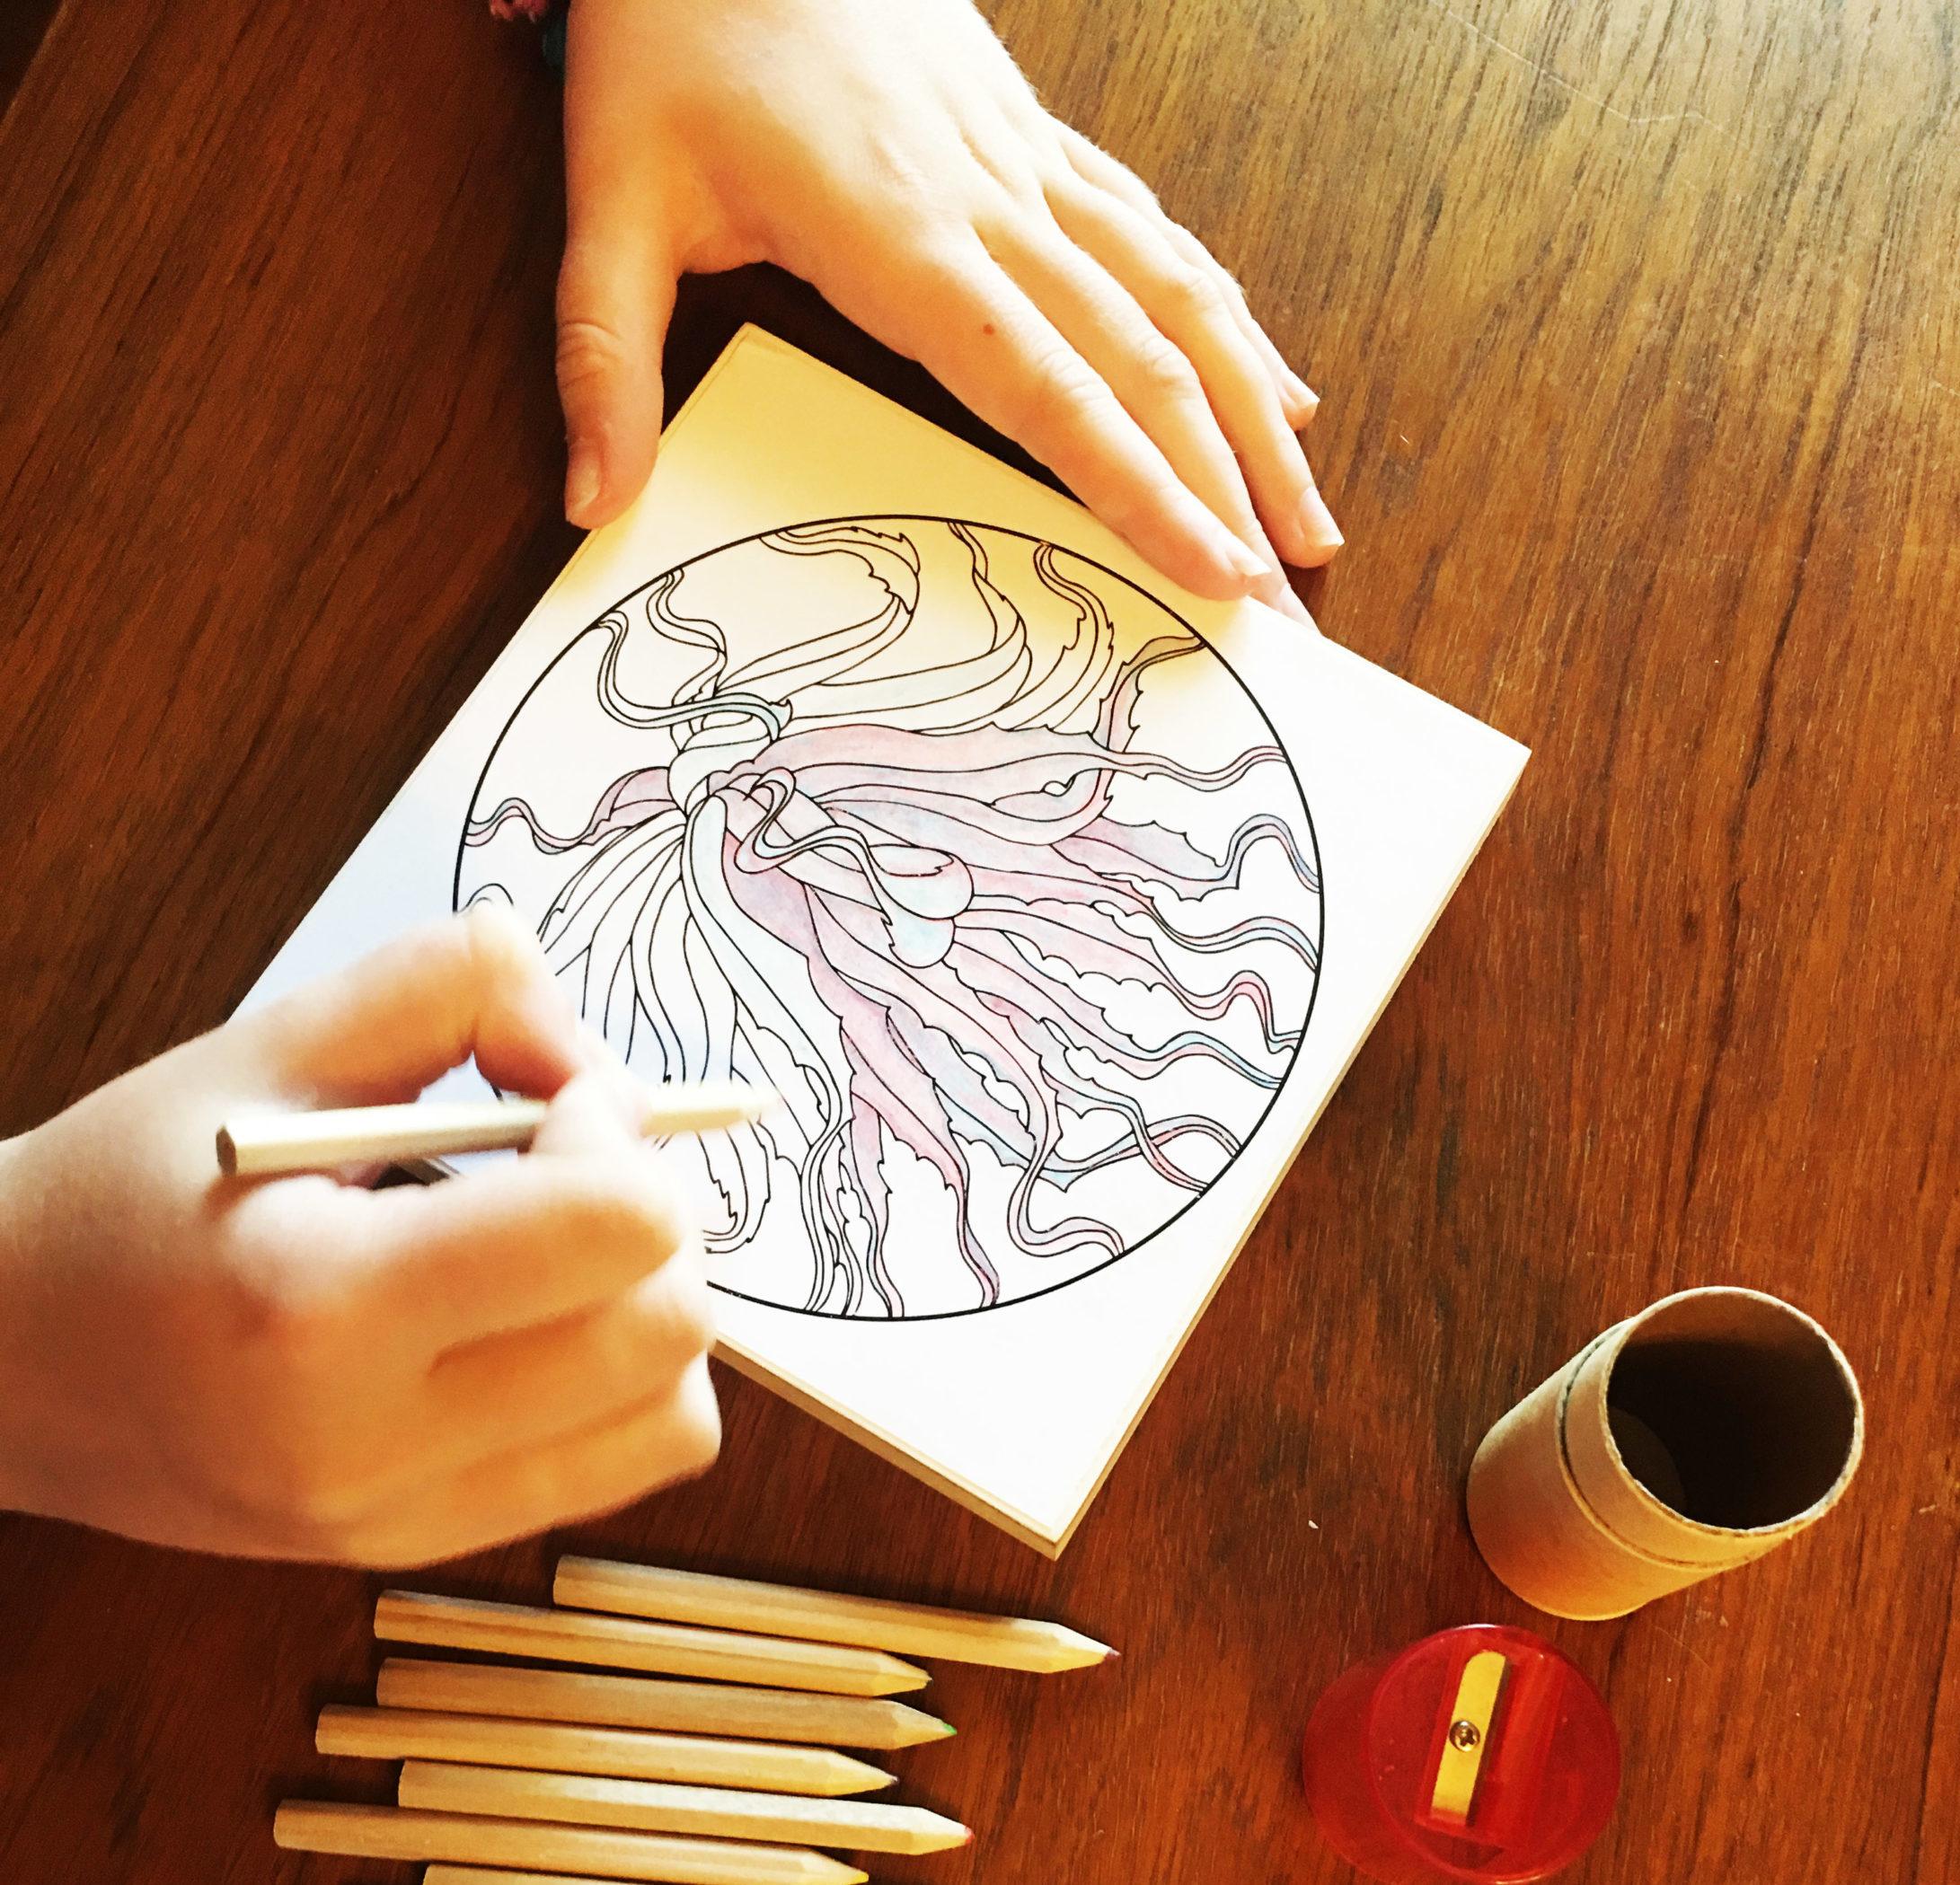 coloring in a mandala